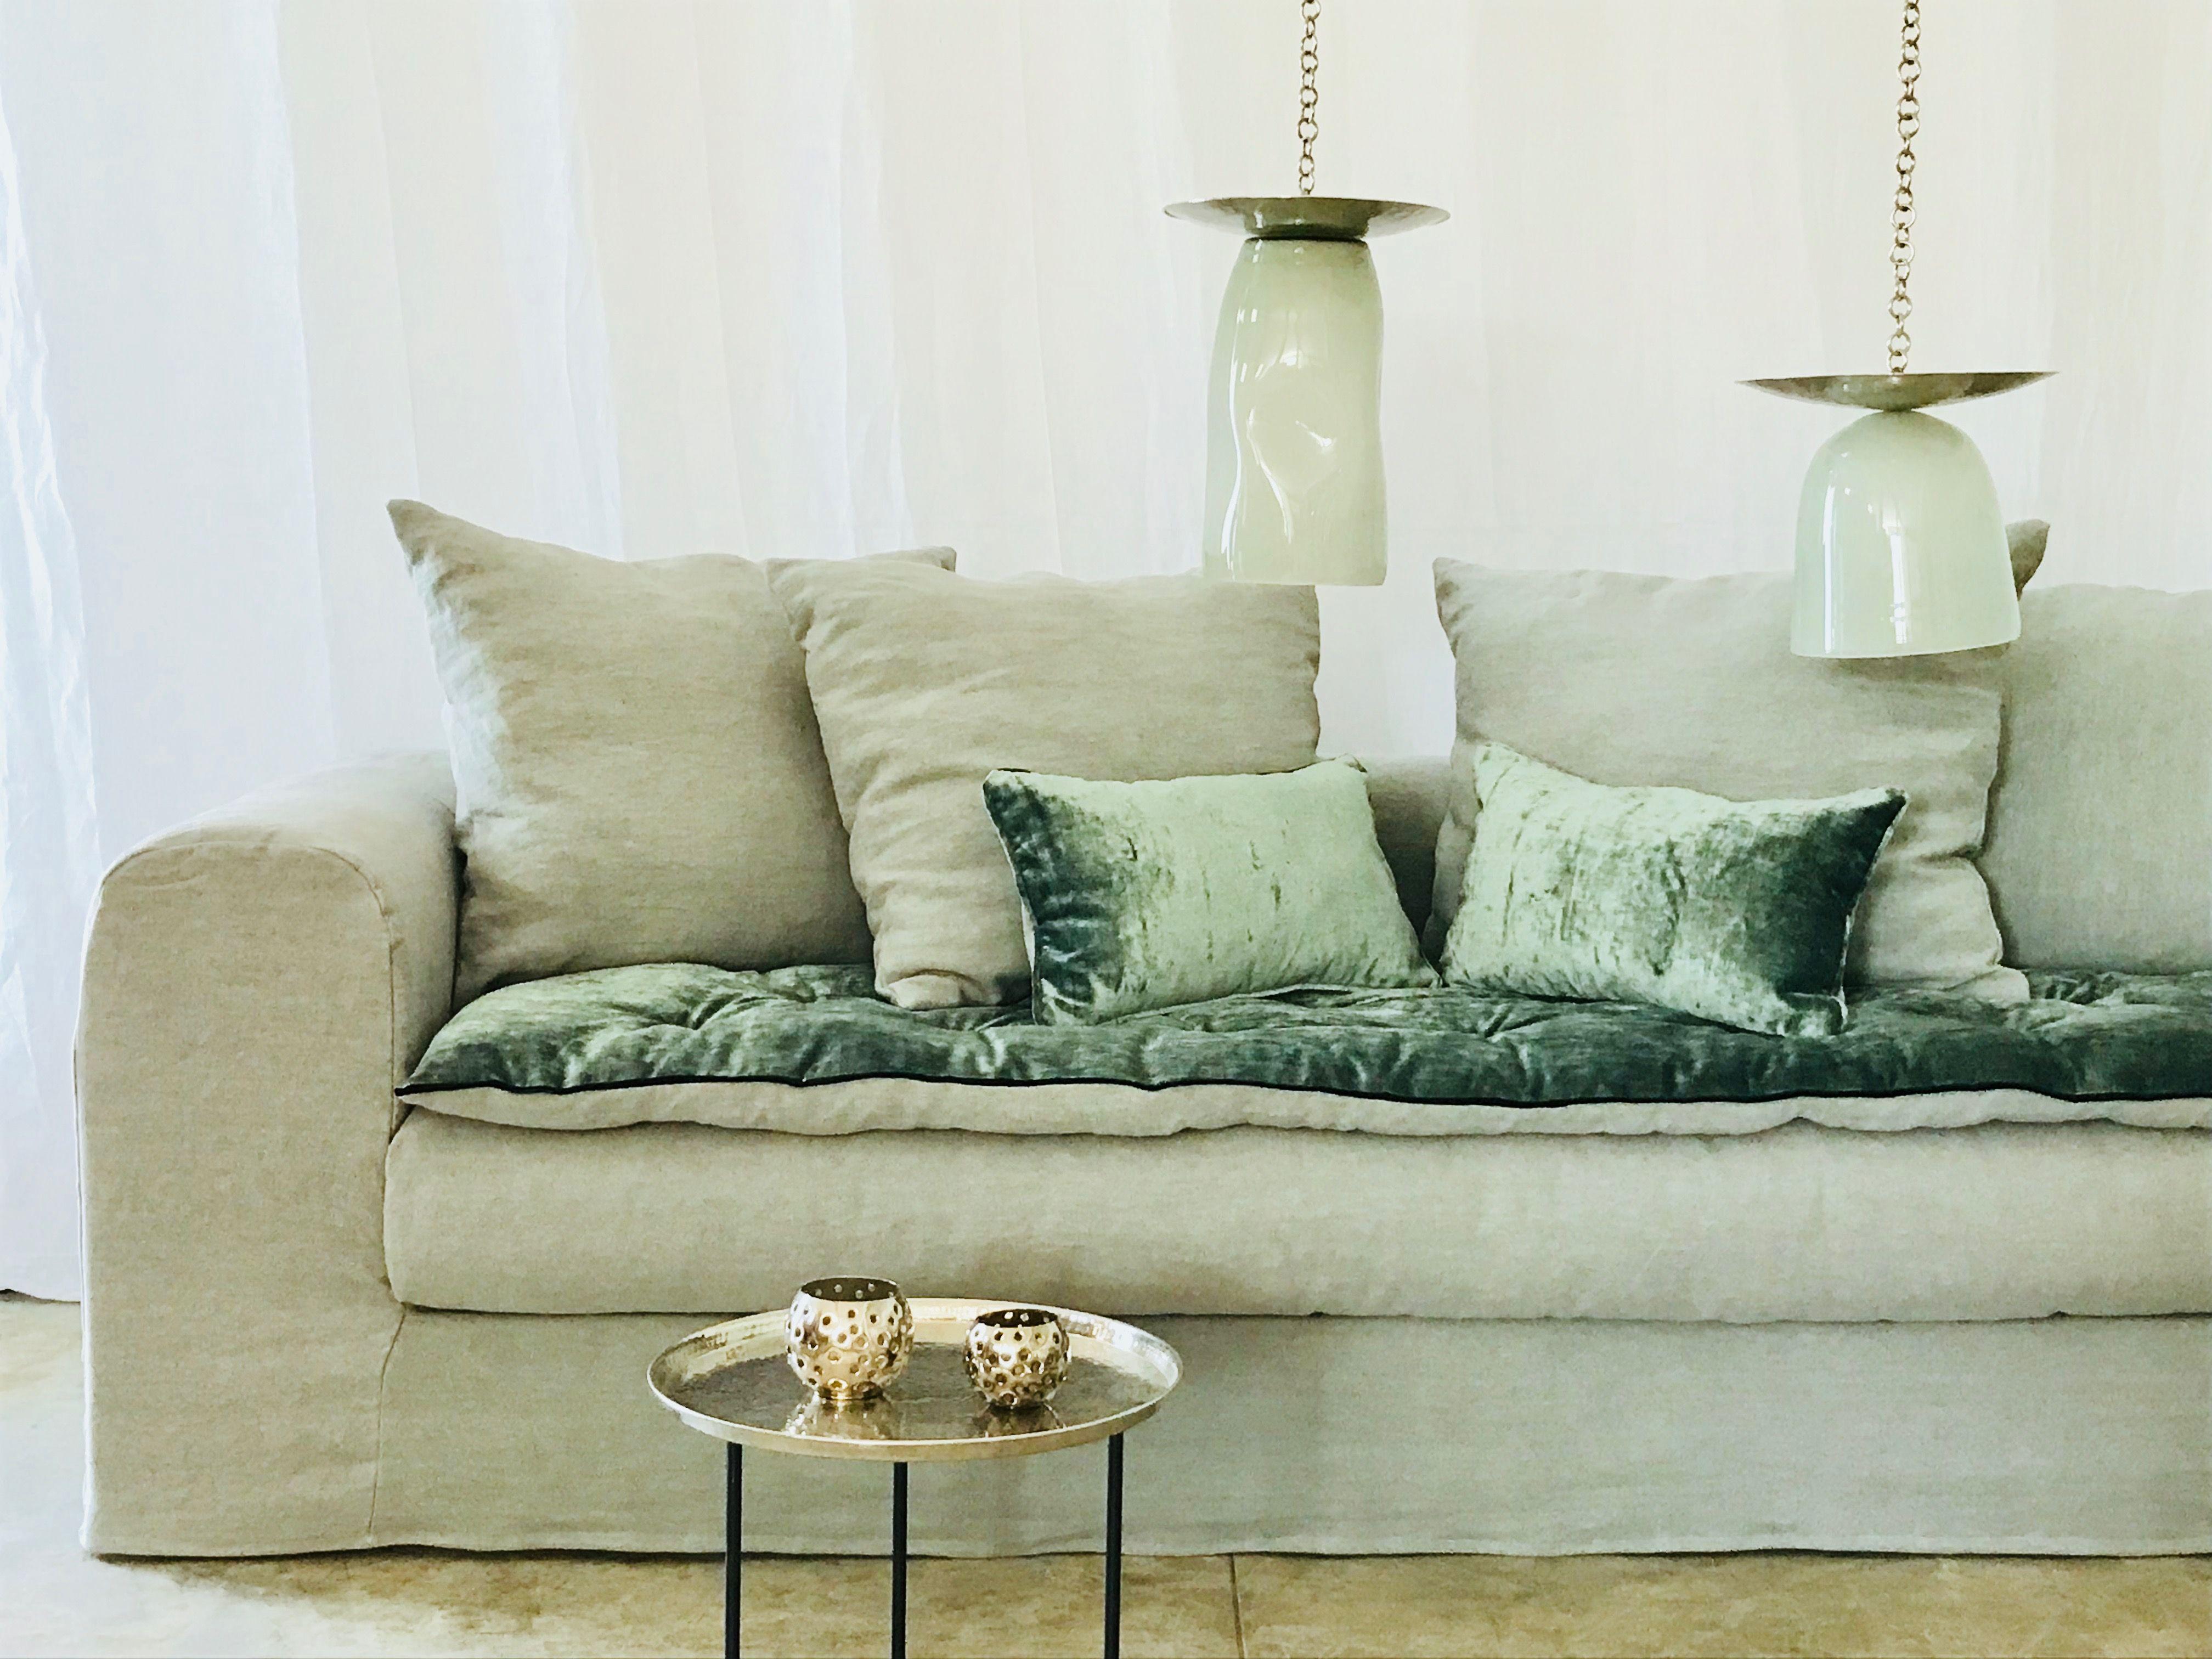 Canape Evoque Lin Lave Vert Sauge Avec Son Sofa Cover Velours Tsar